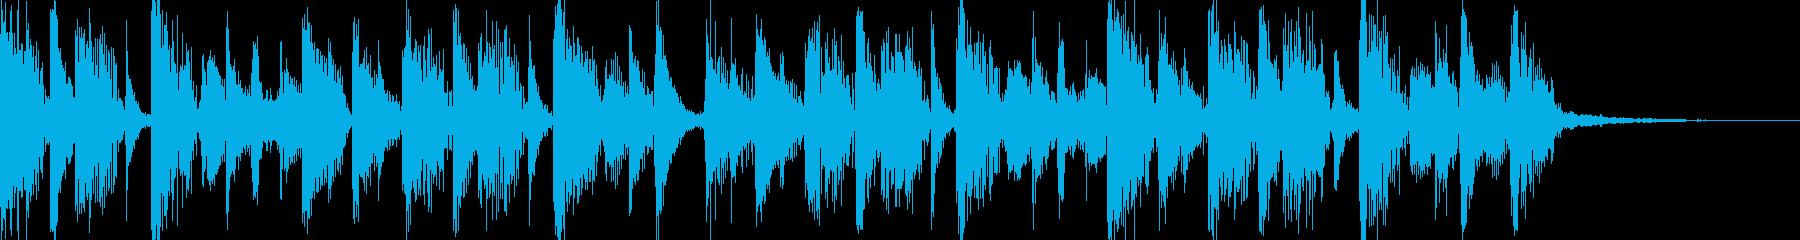 アンビエント90年代のテクノ風のグ...の再生済みの波形